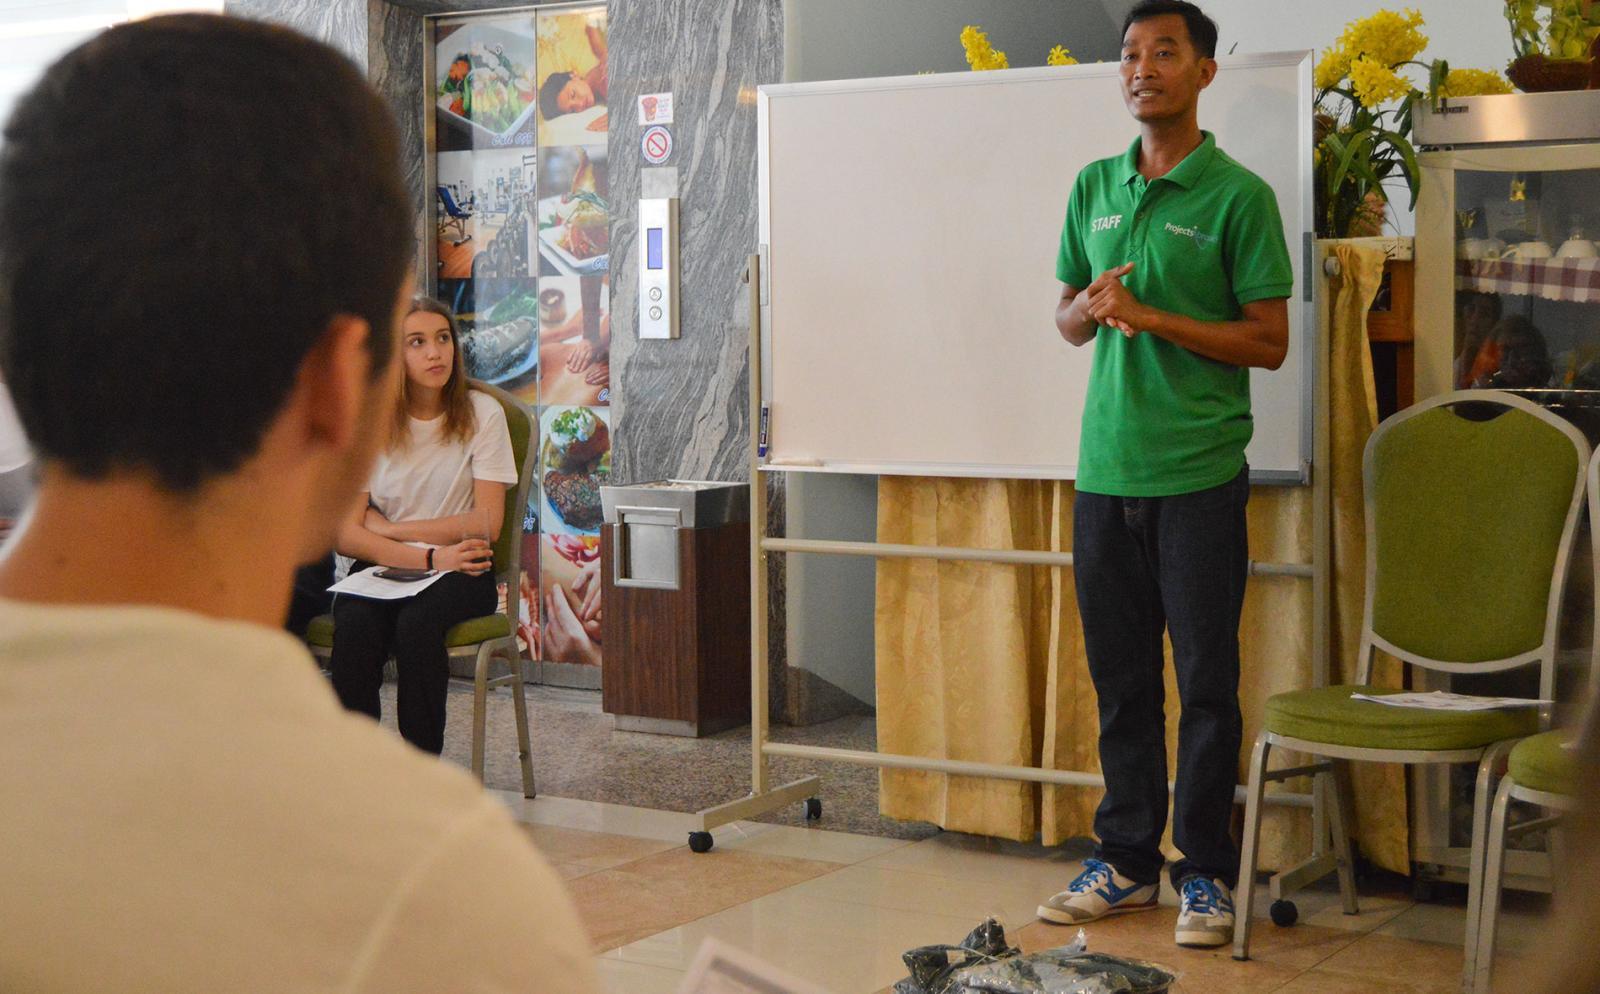 Projects Abroad vrijwilligers krijgen een inductie over de lokale cultuur en taal na hun aankomst in Cambodja.